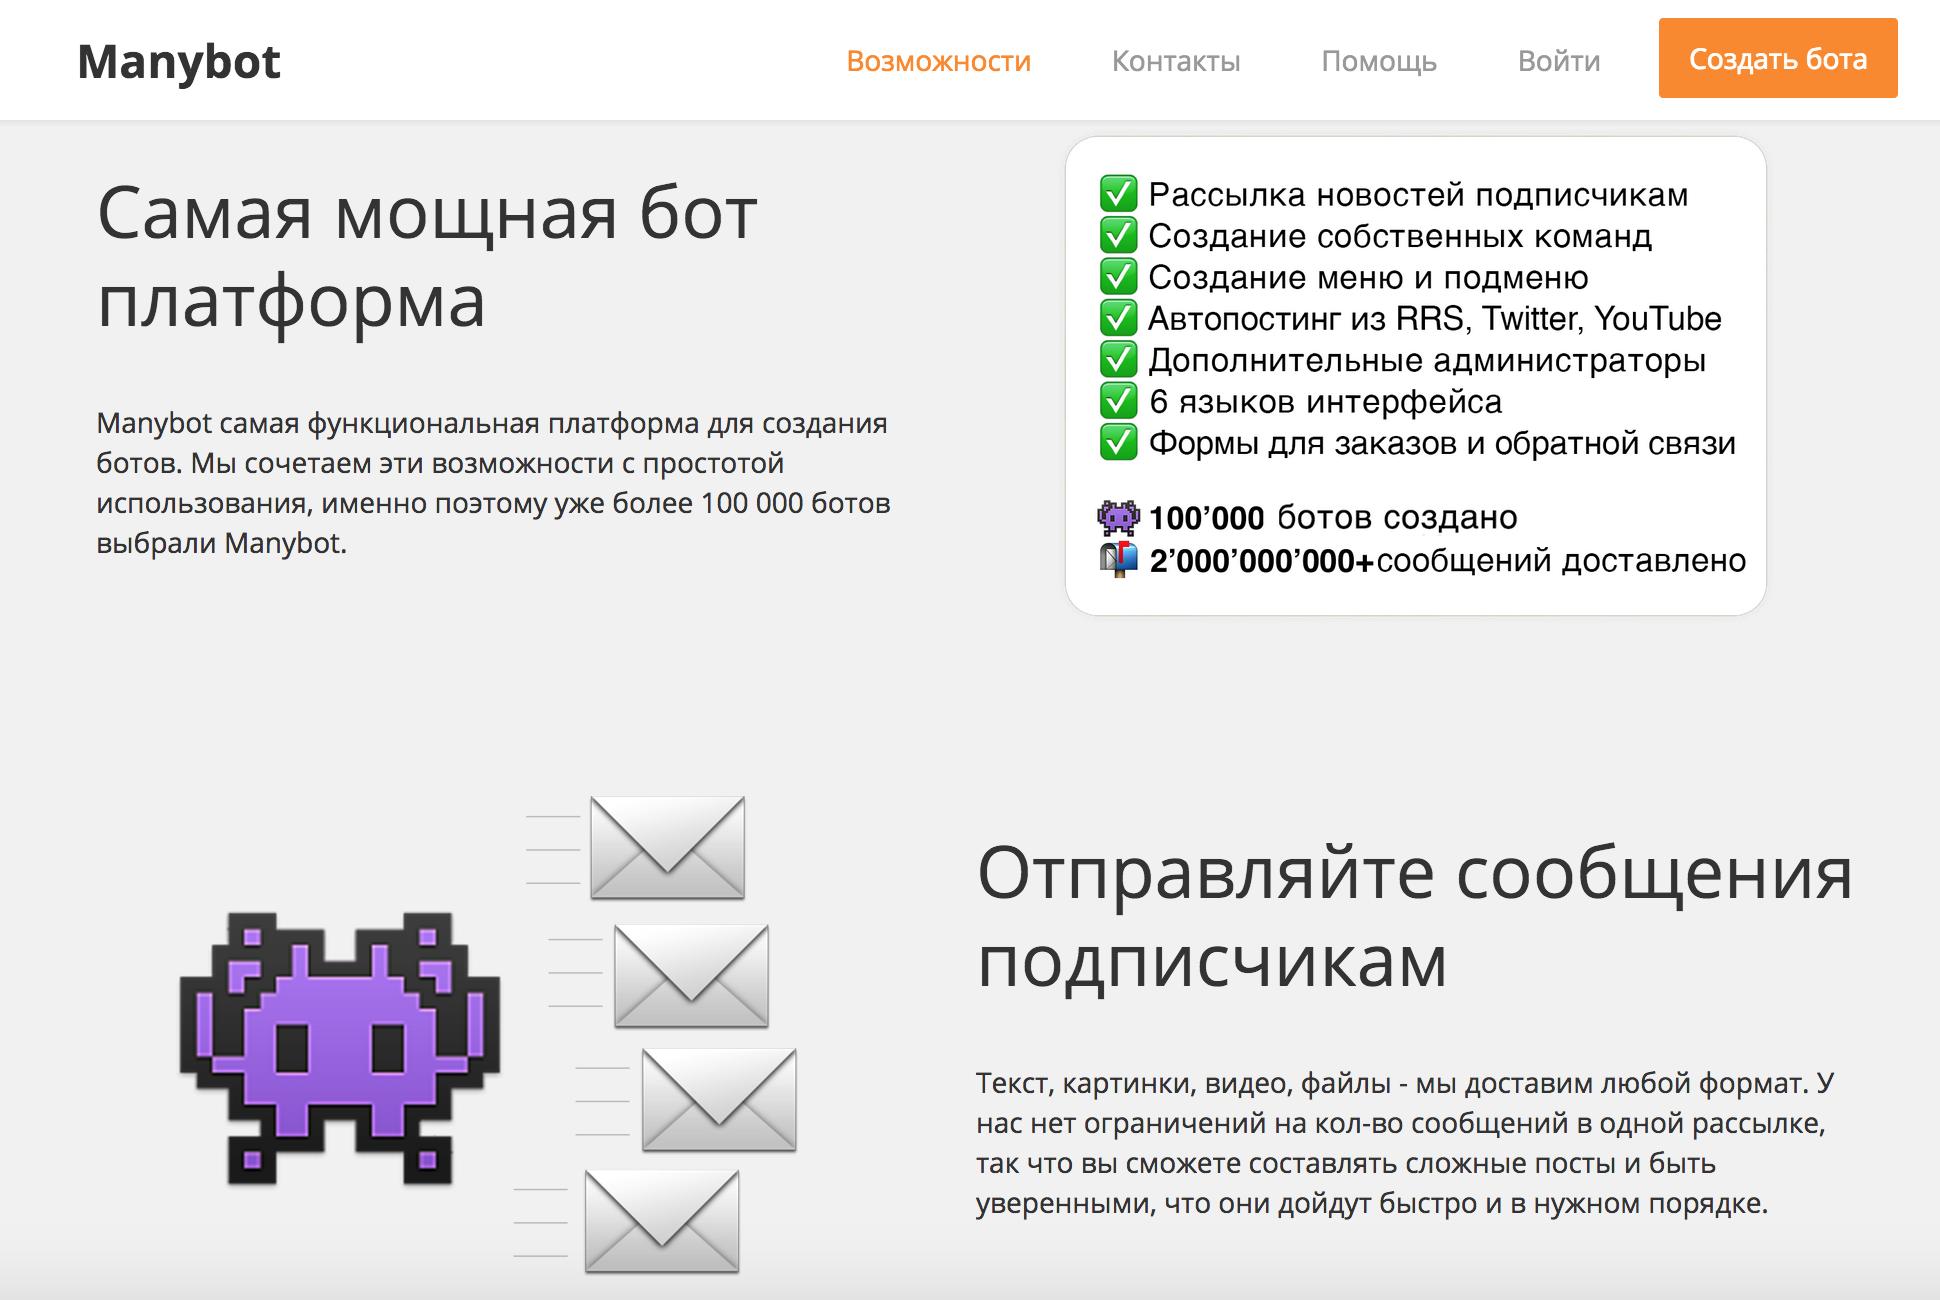 Бесплатный конструктор Manybot